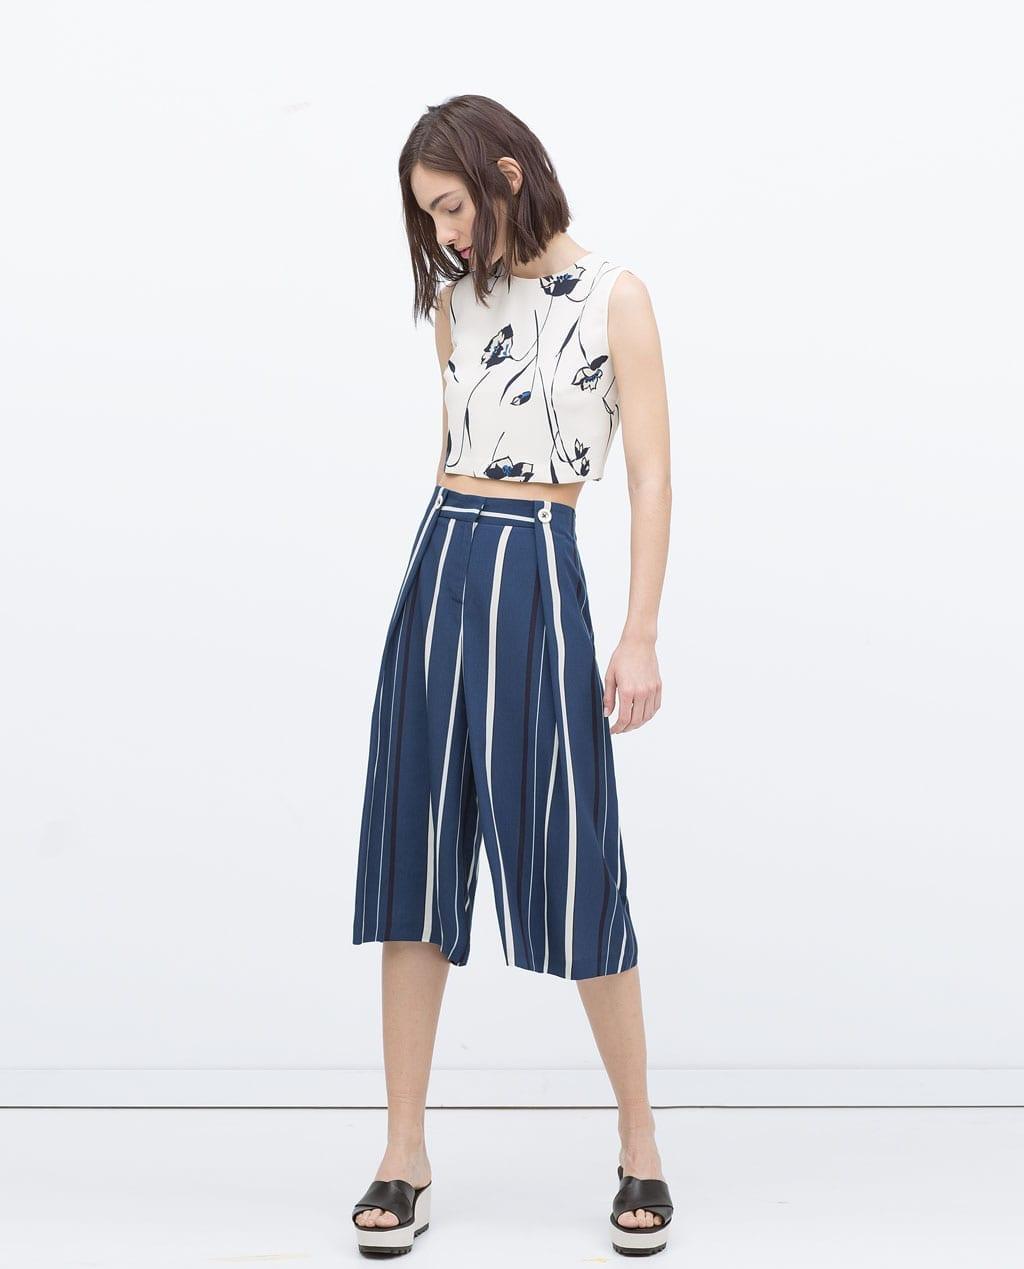 Saldi Zara 2015, cosa comprare?